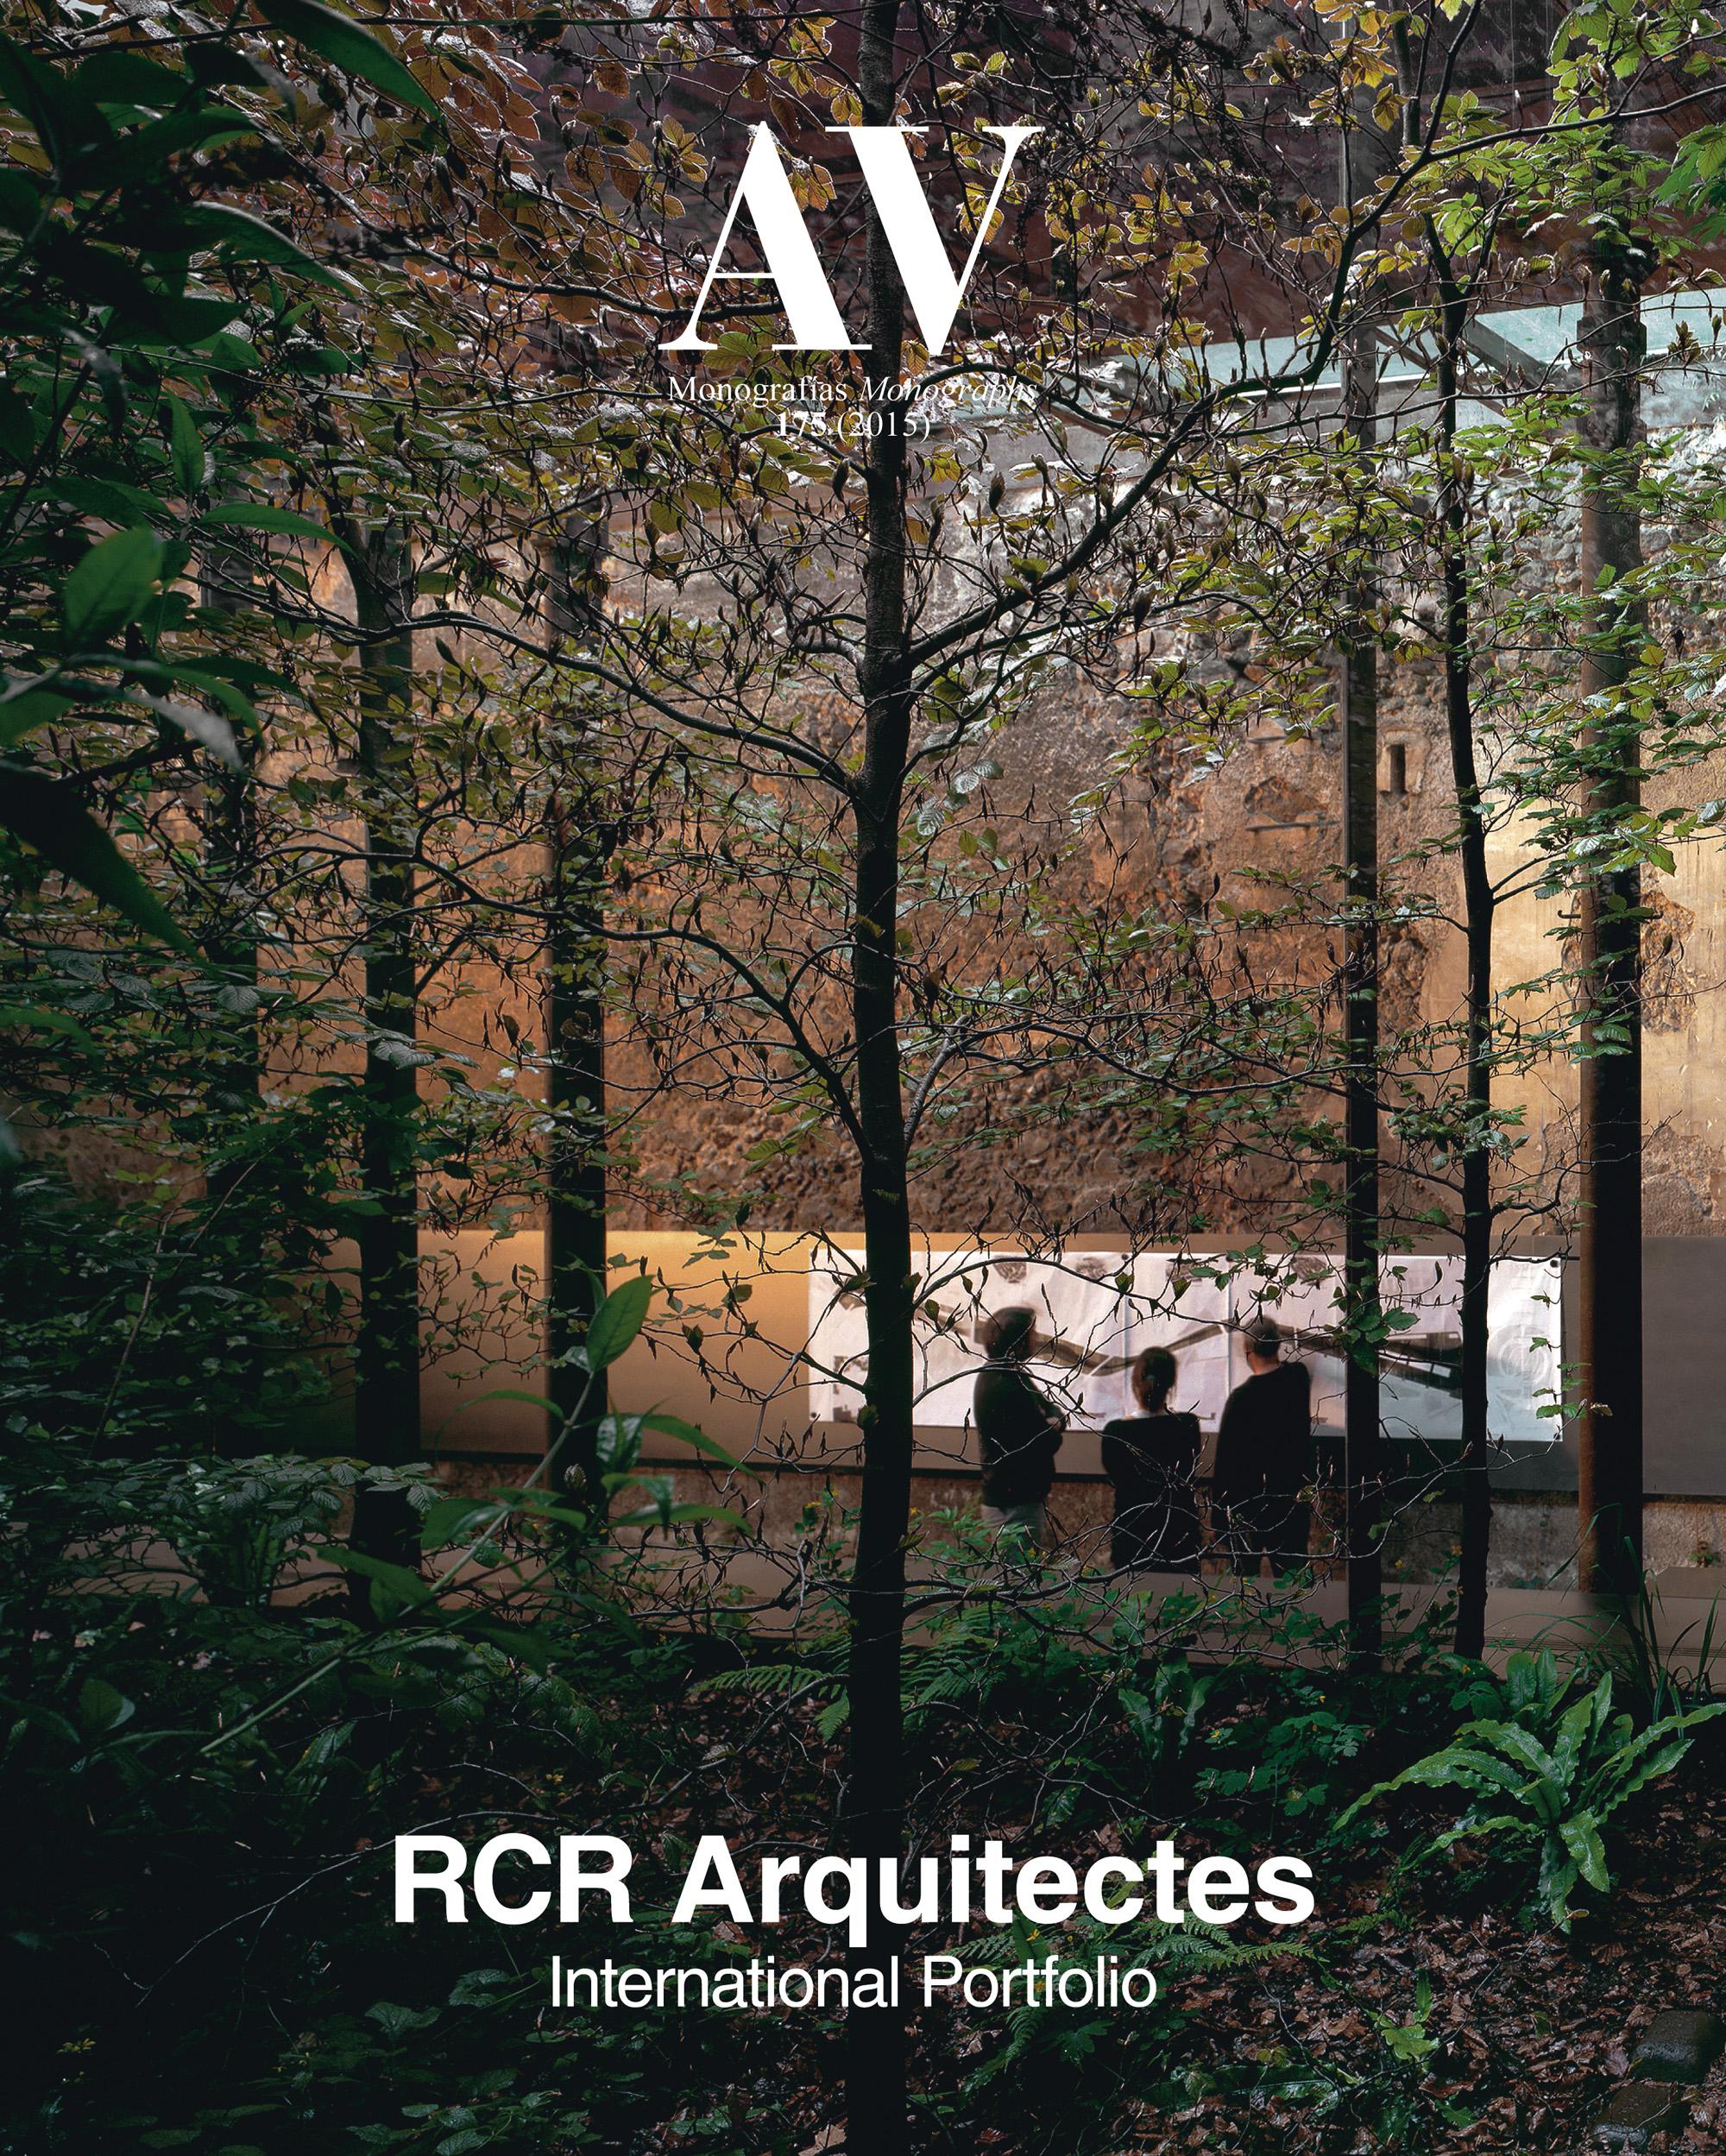 RCR Arquitectes